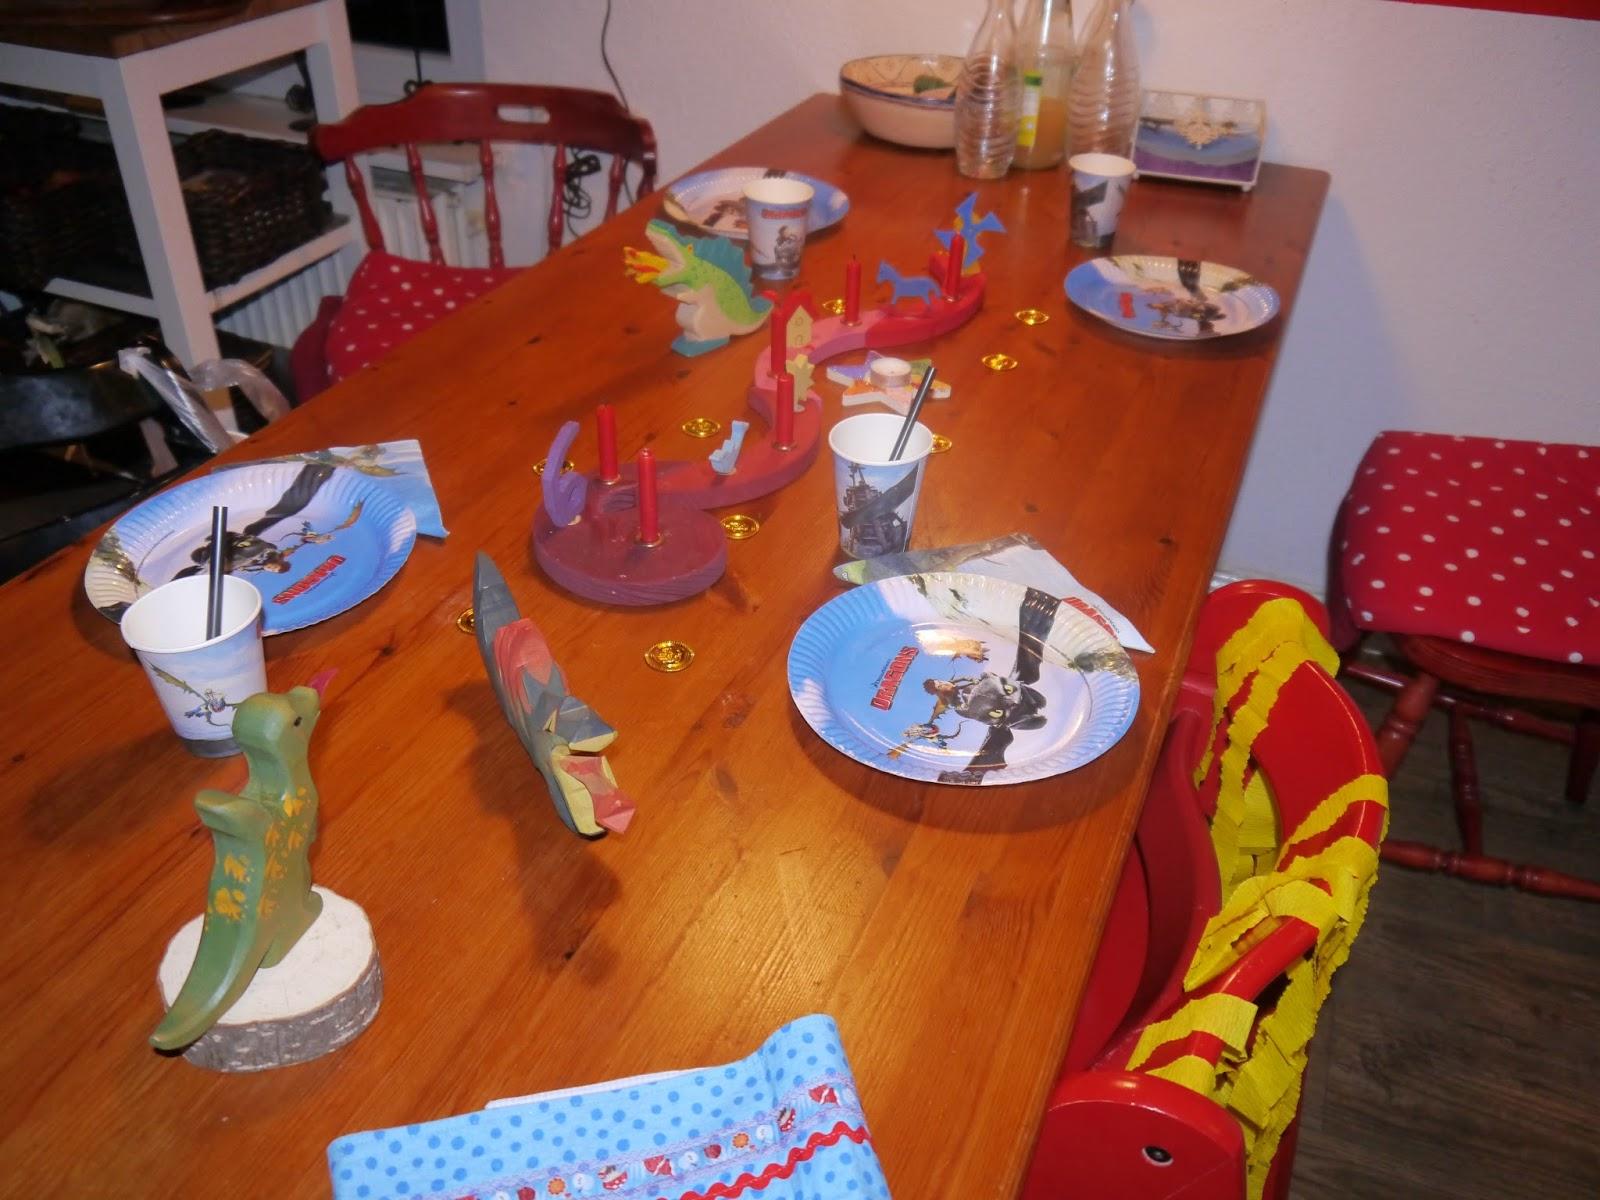 emdlich 6 geschenke und kjells ohnezahn drachen kuchen die weltenbauer. Black Bedroom Furniture Sets. Home Design Ideas